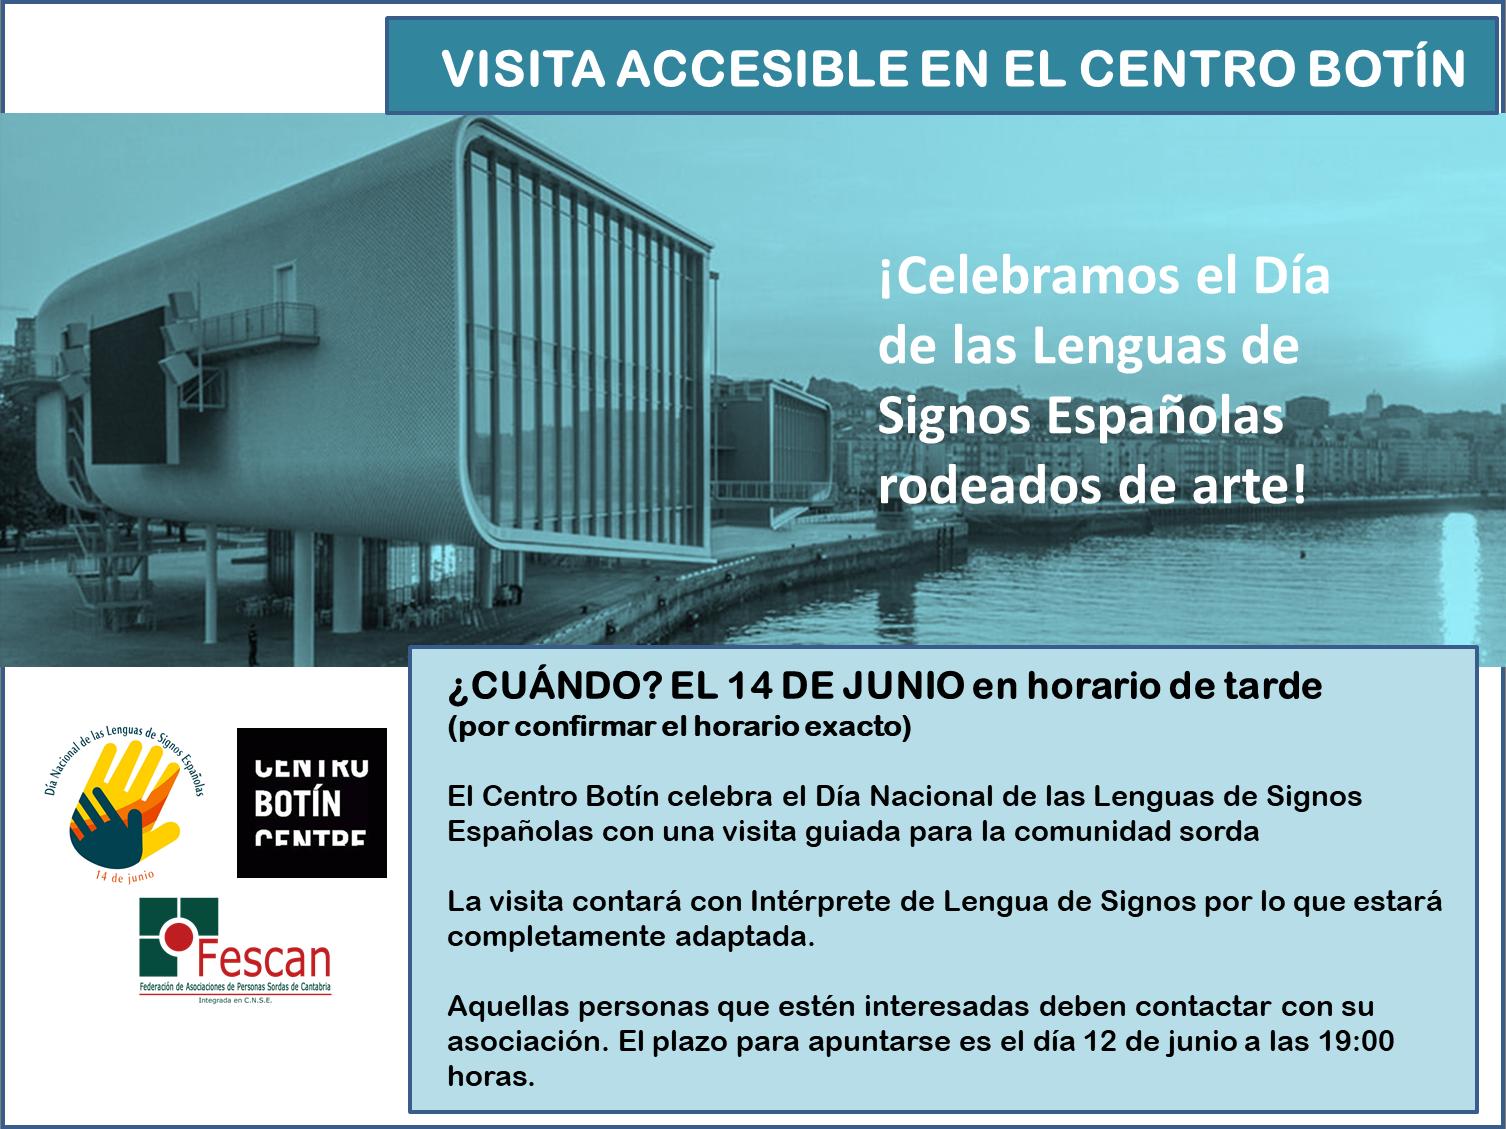 CELEBRAMOS EL DÍA NACIONAL DE LAS LENGUAS DE SIGNOS ESPAÑOLAS VISITANDO EL CENTRO BOTÍN